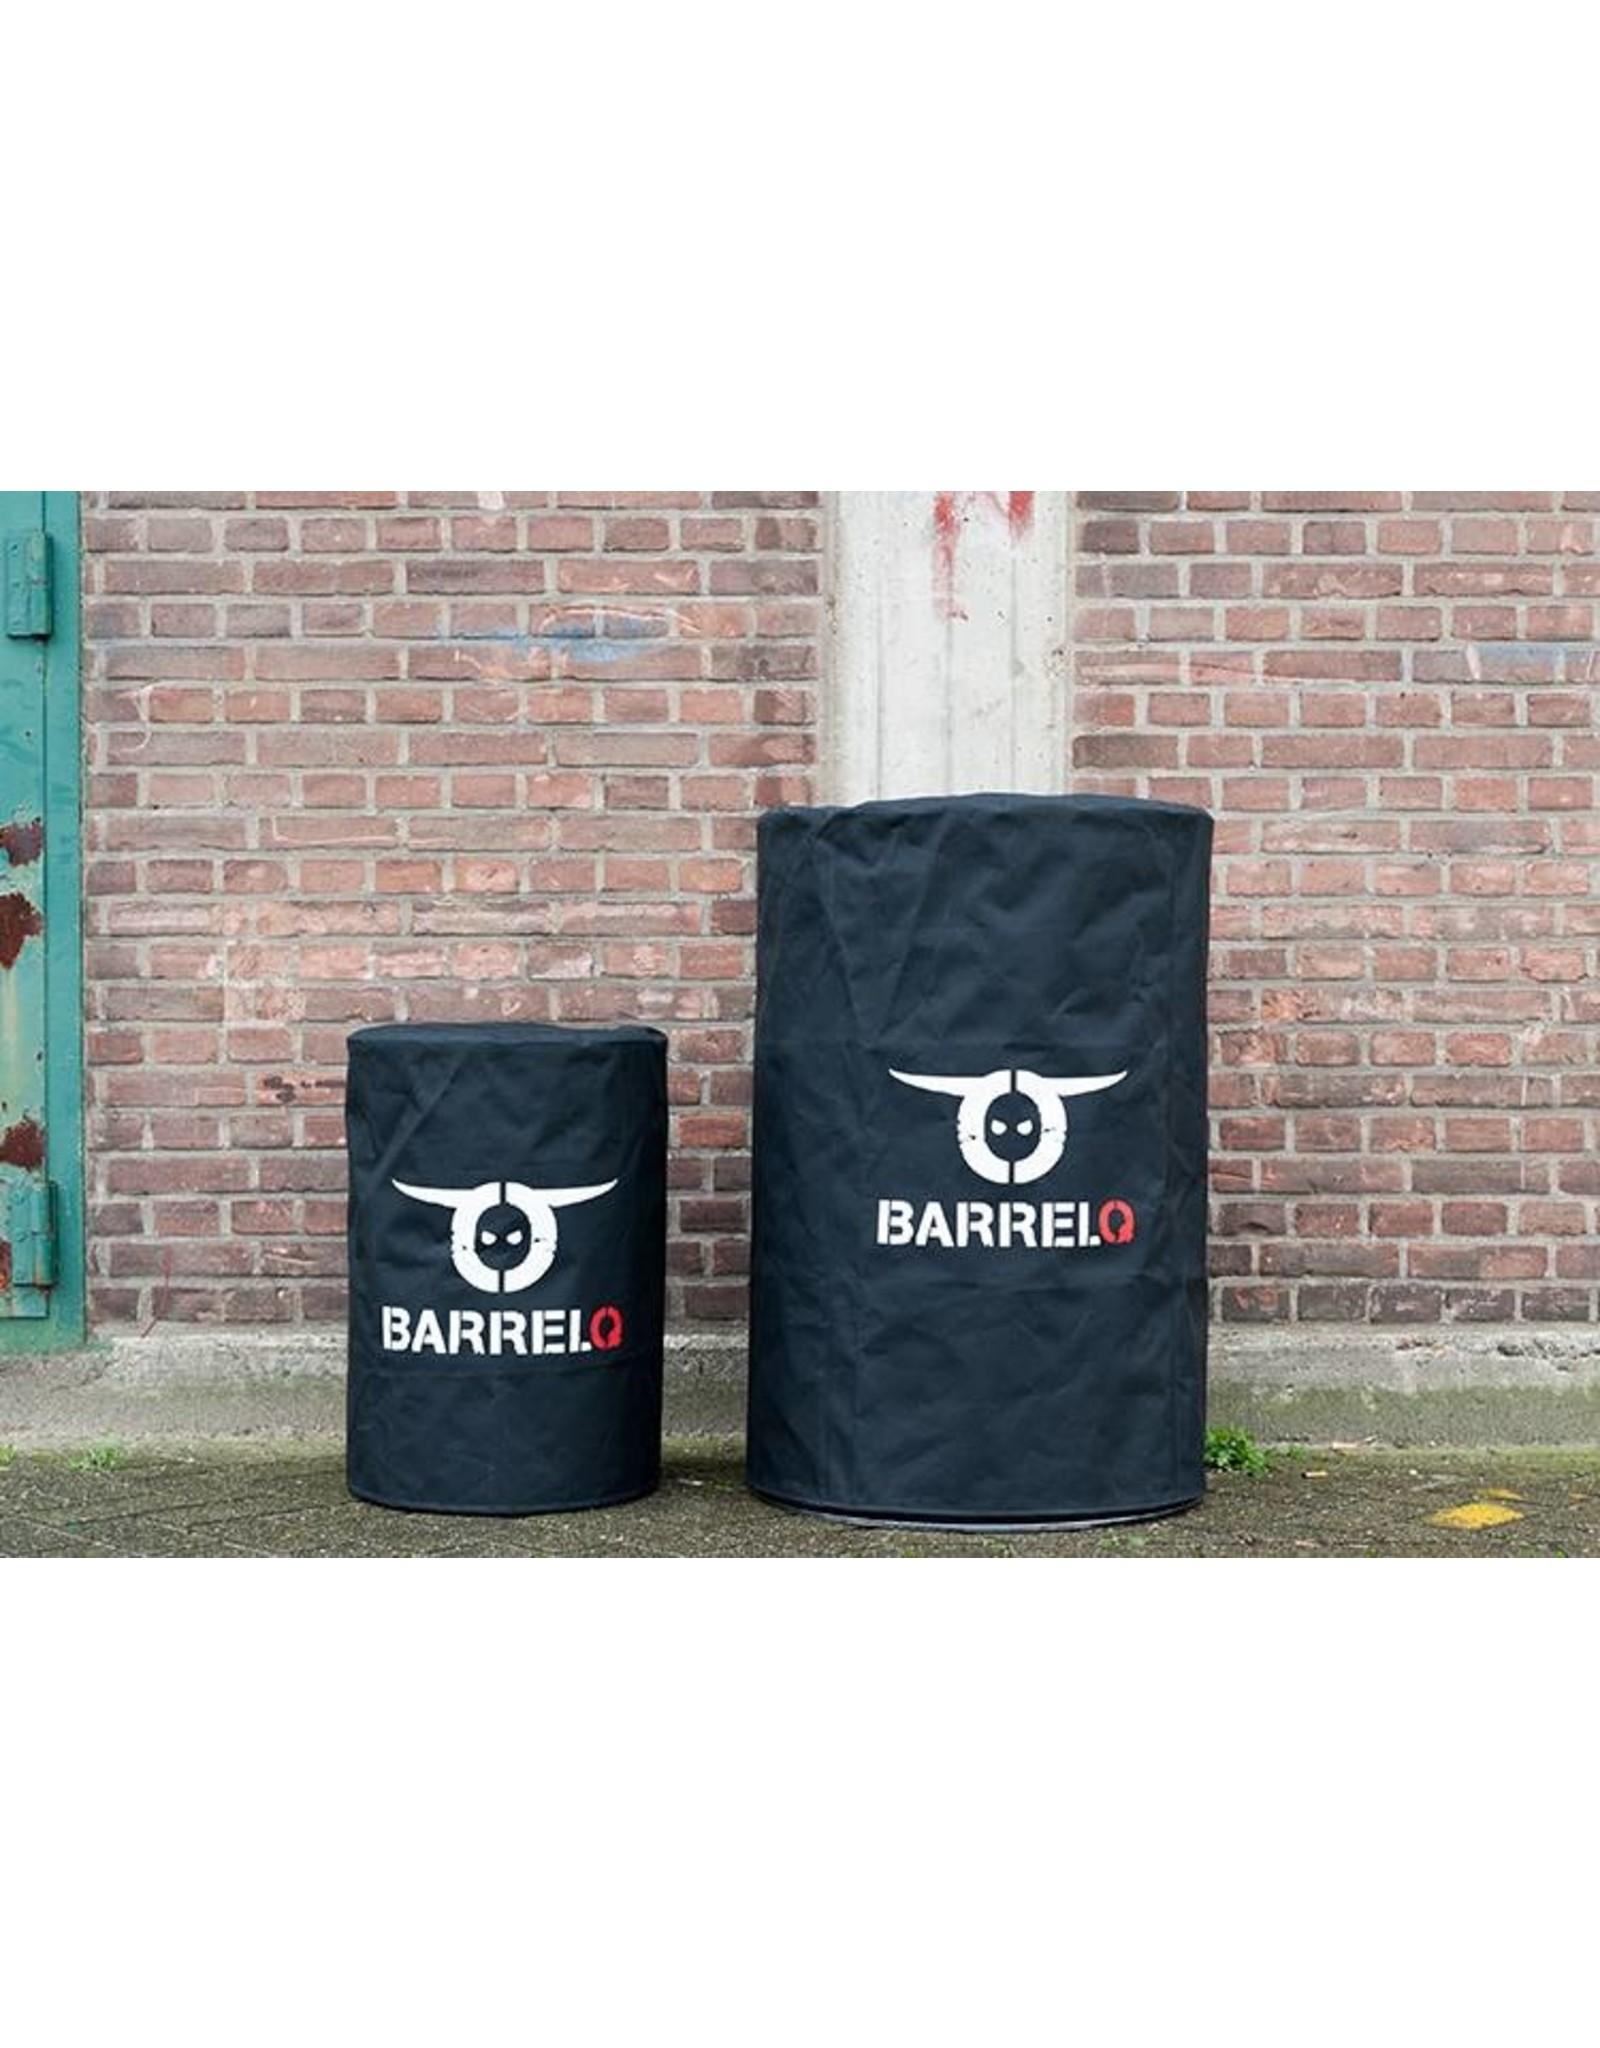 BarrelQ BarrelQ small BBQ Cover